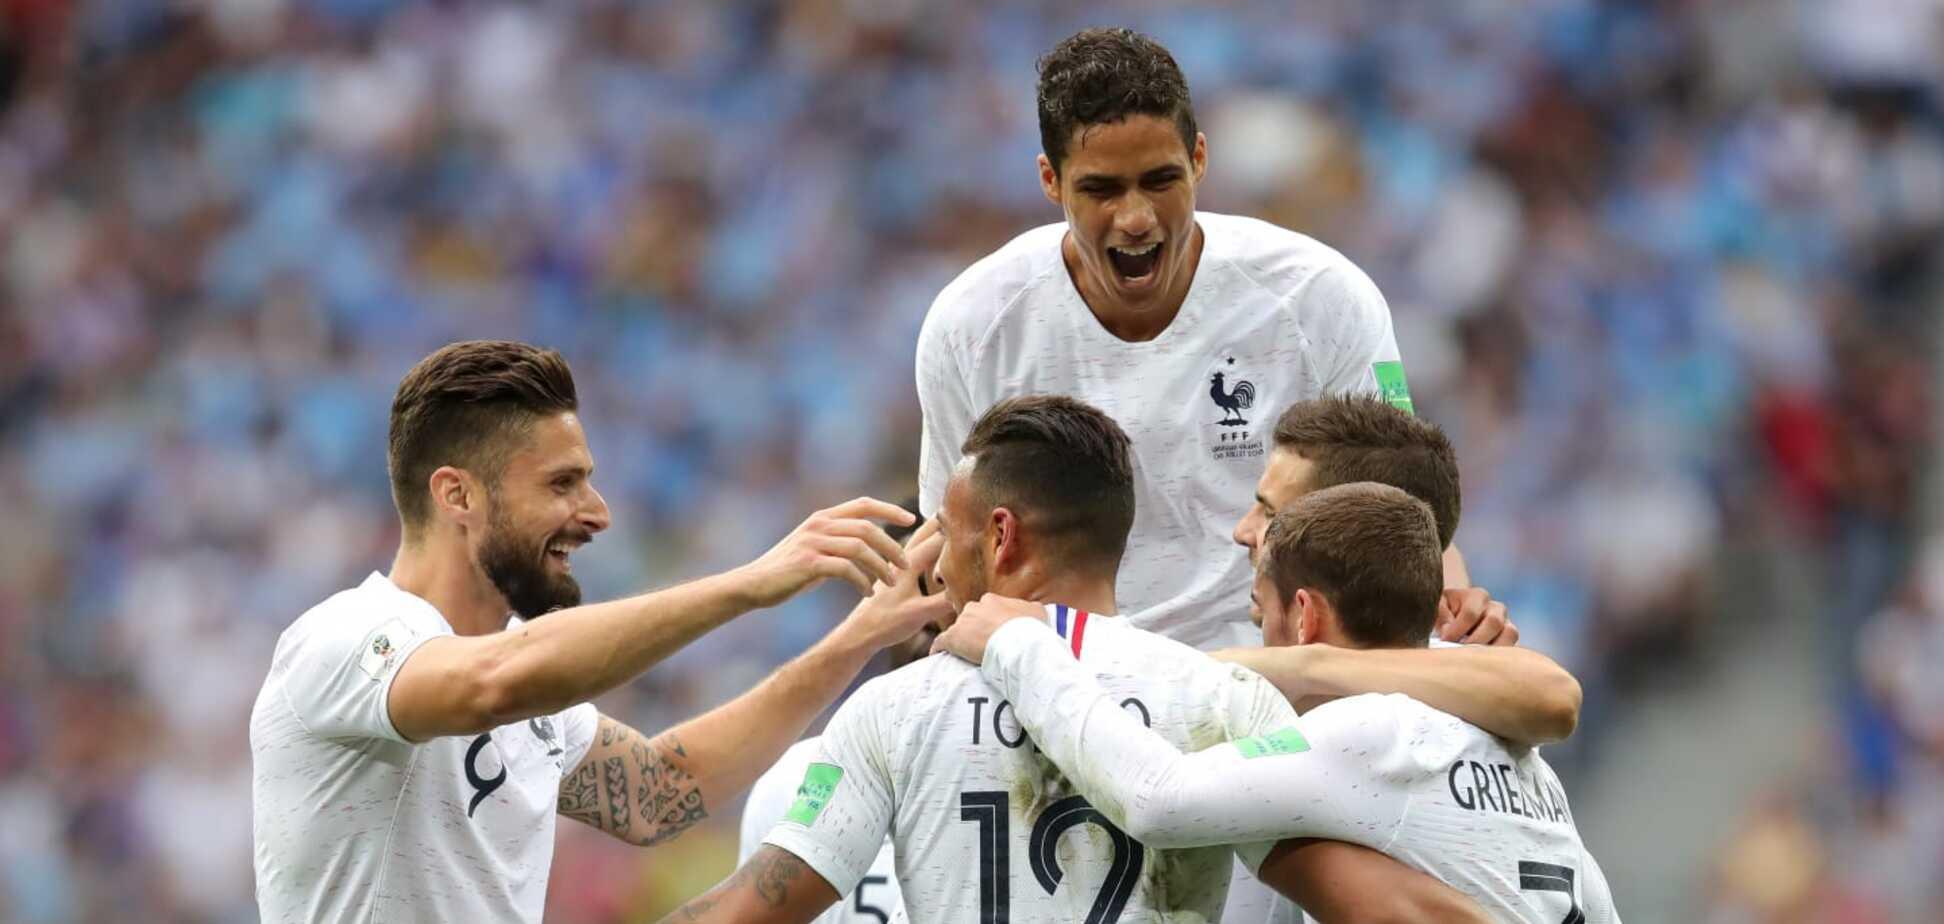 Голи Варна та Грізманна вирішили долю матчу Уругвай - Франція: онлайн-трансляція 1/4 фіналу ЧС-2018